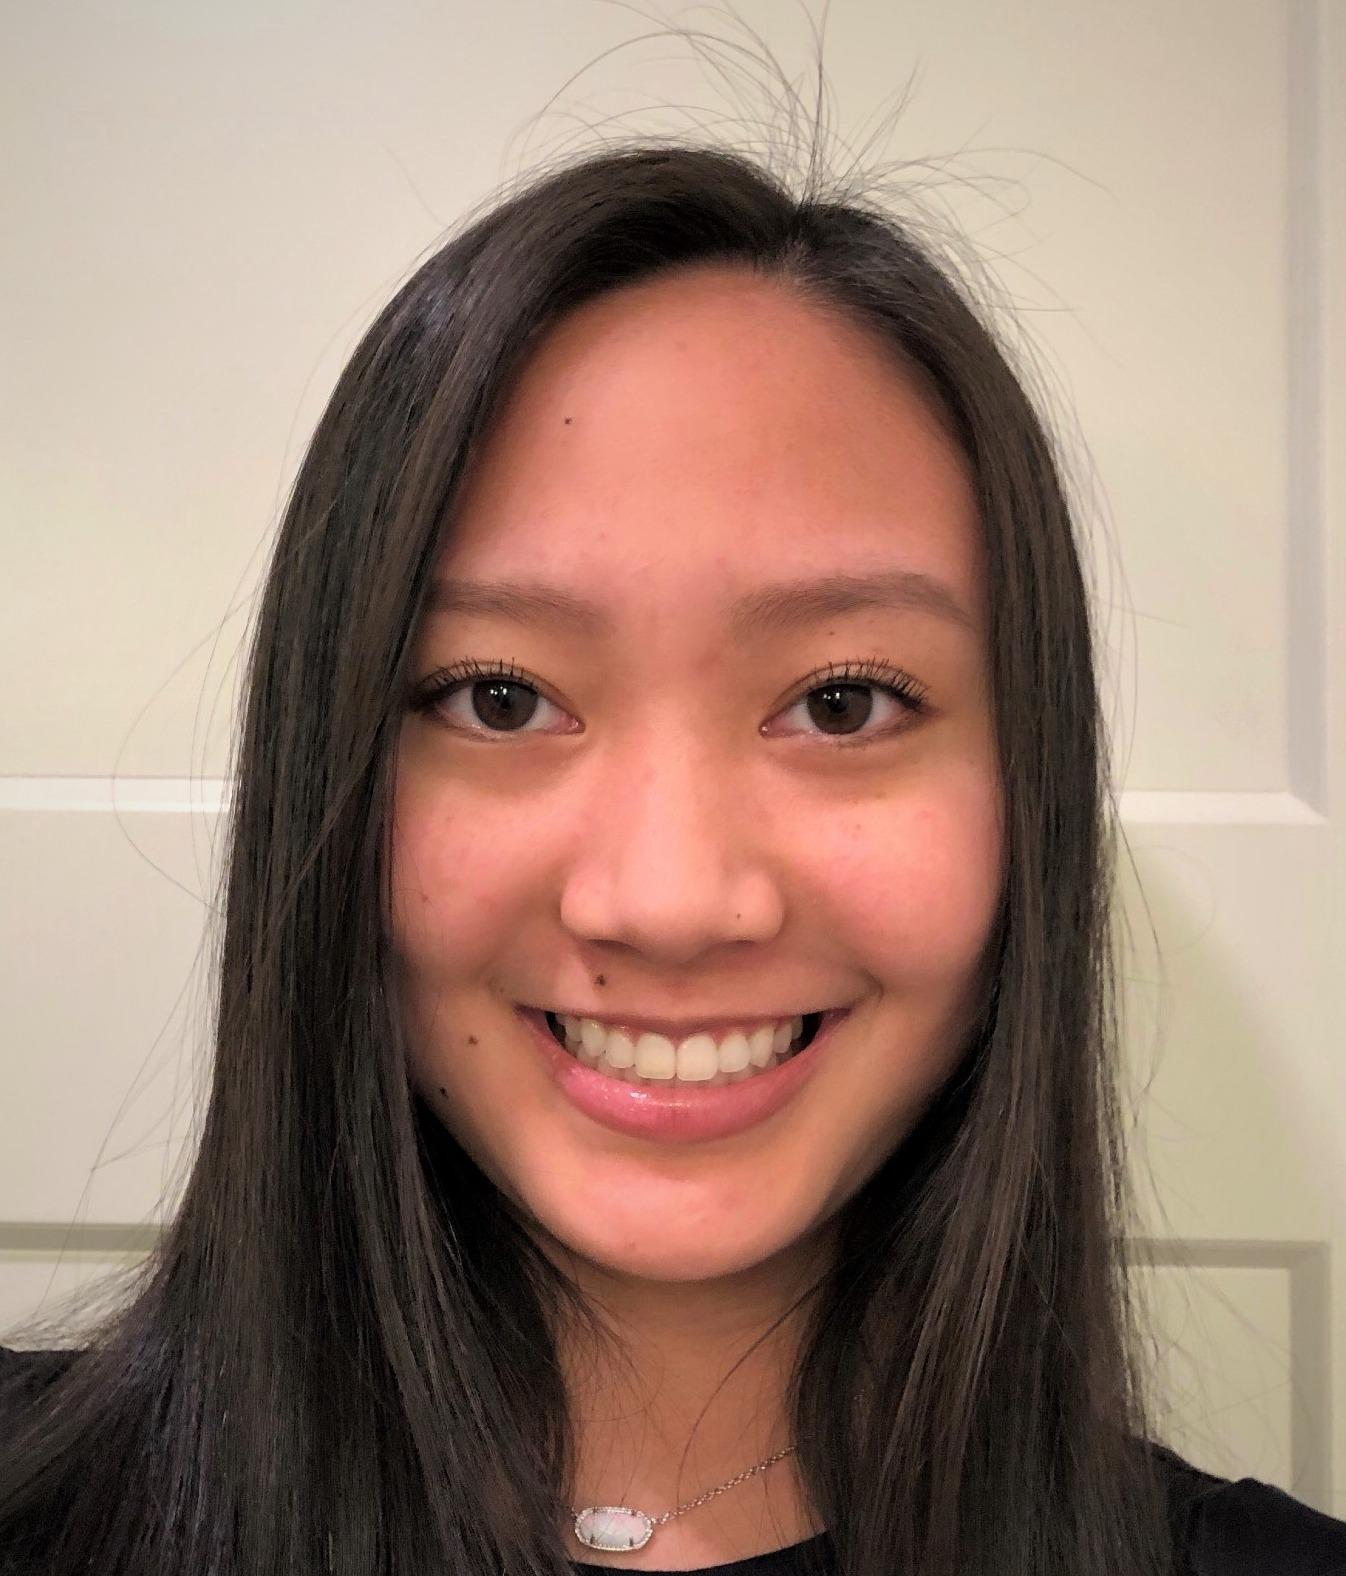 Christie Lin